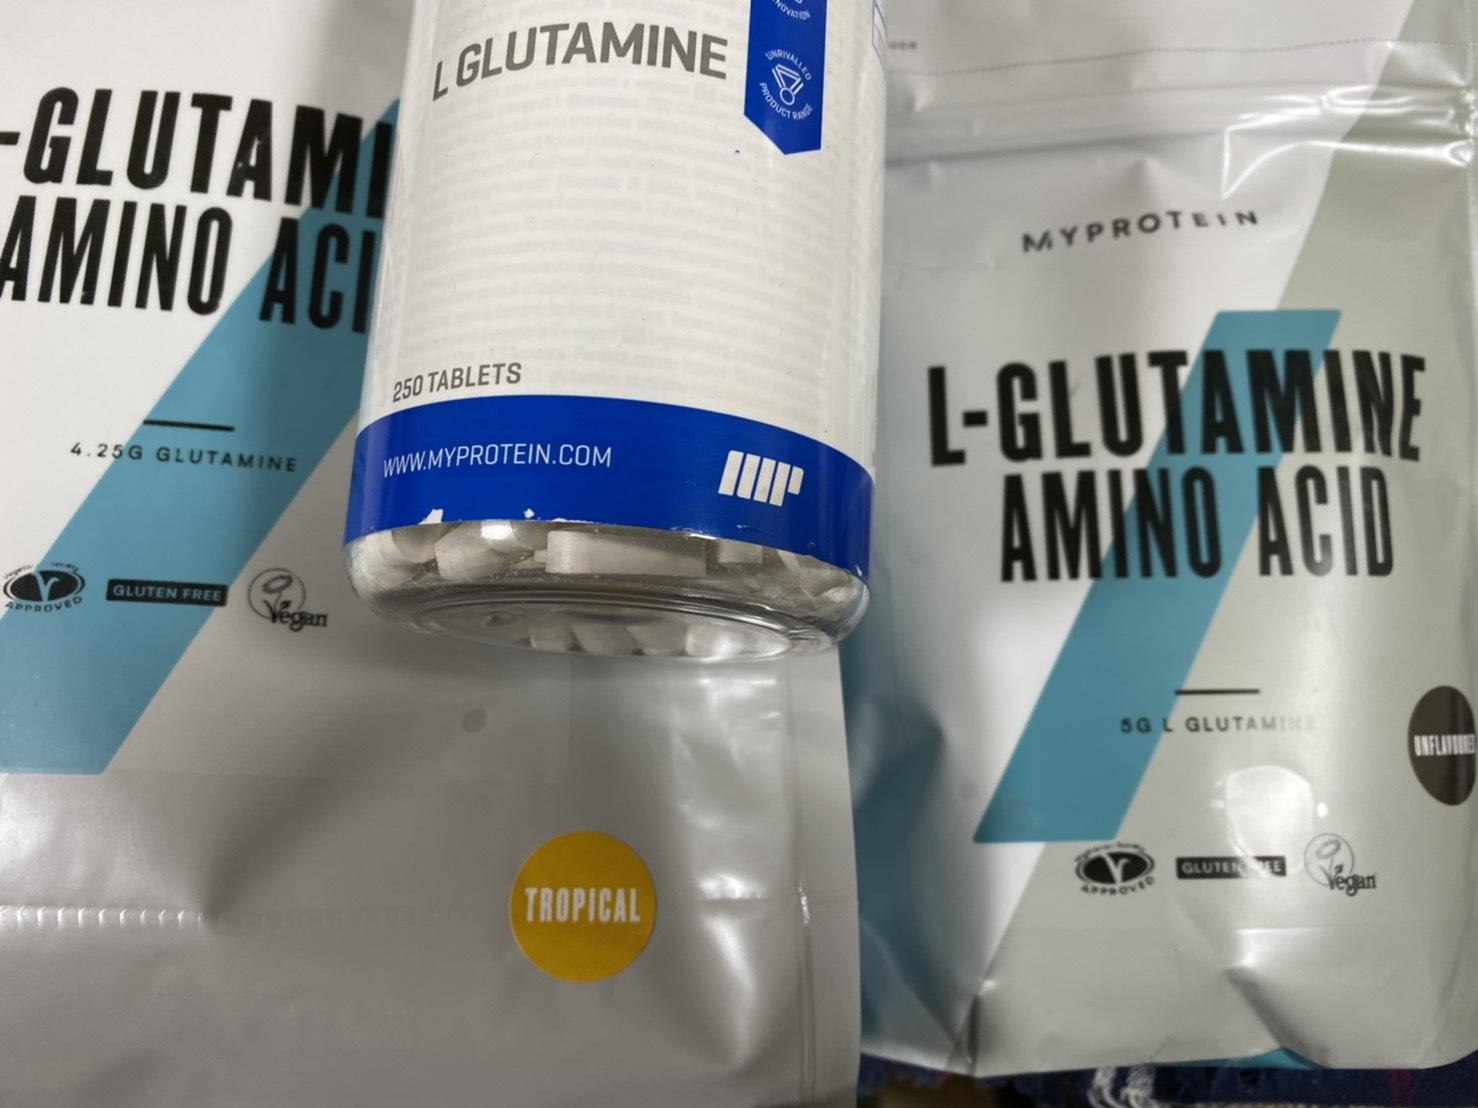 マイプロテインのグルタミン